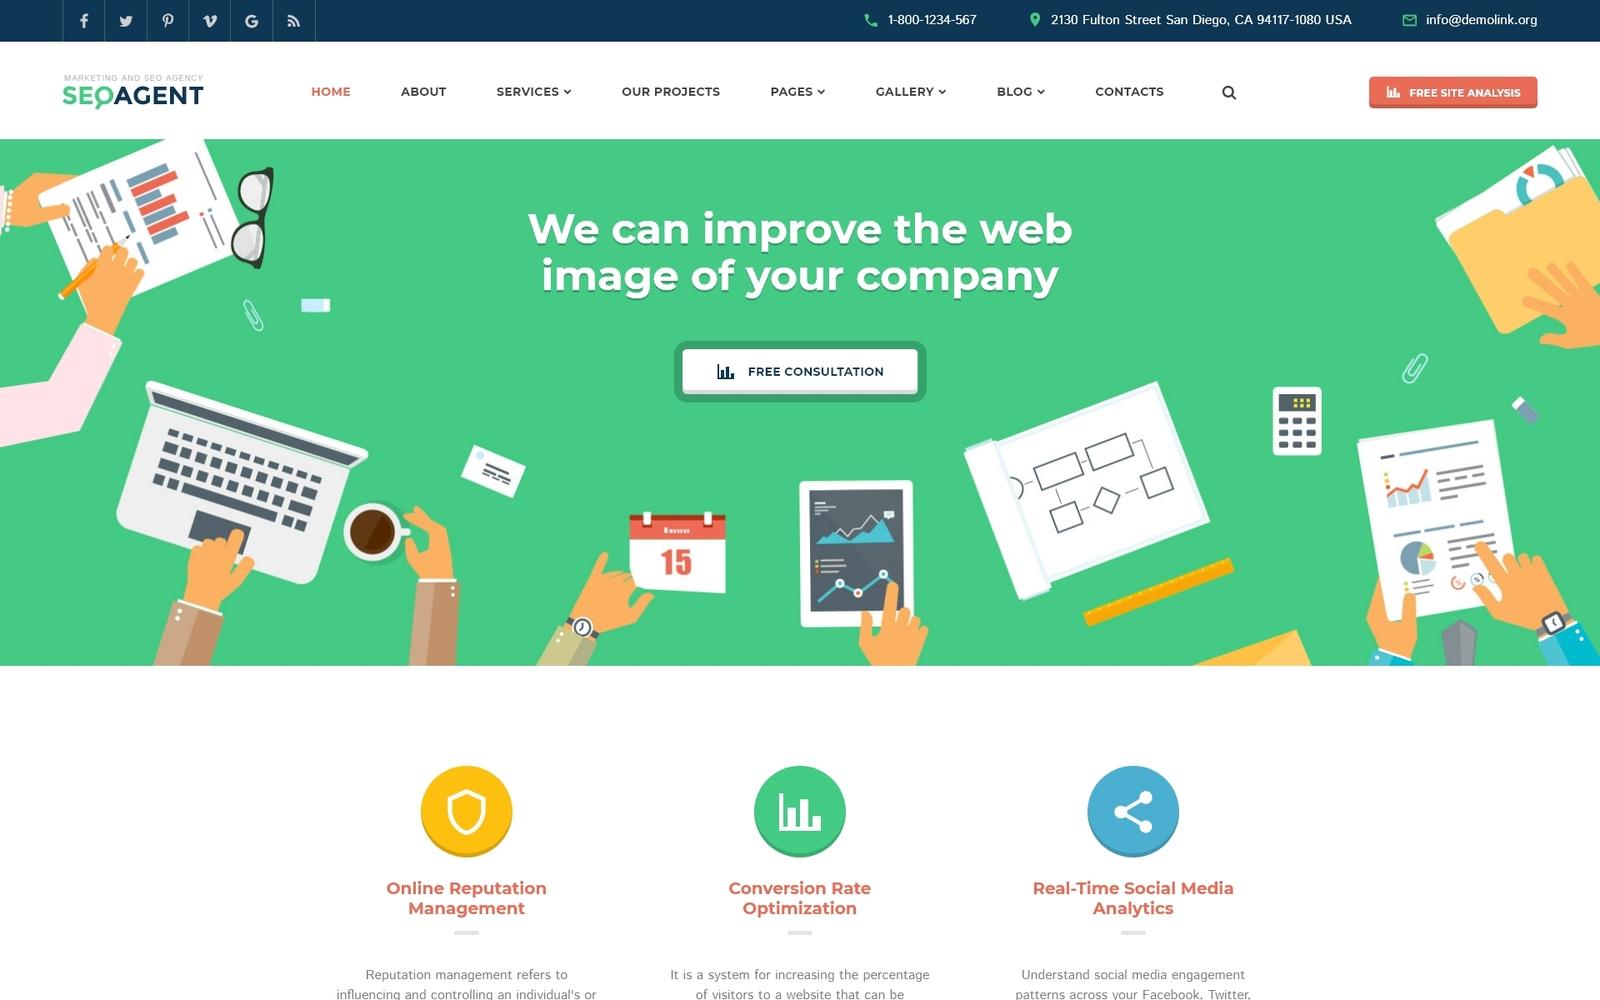 Modèle Web adaptatif pour site Web de référencement #58985 - screenshot